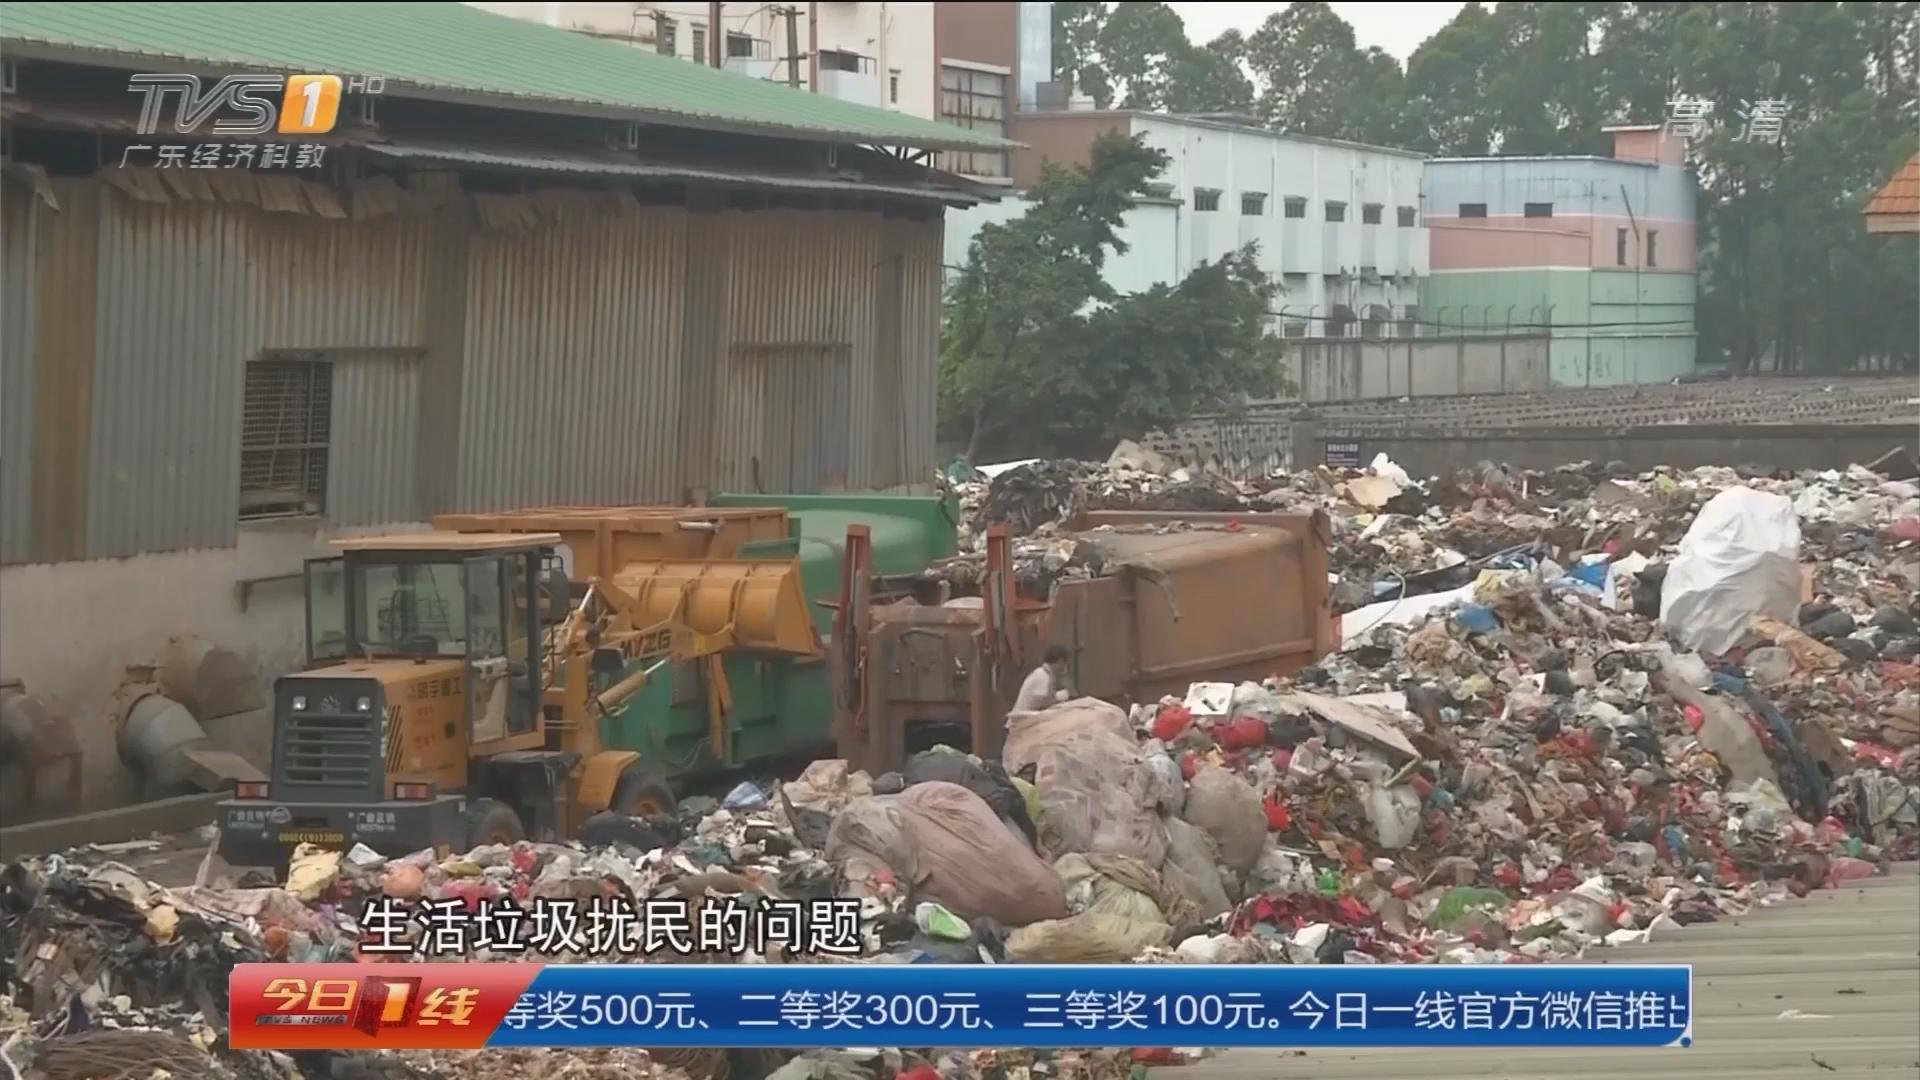 东莞厚街垃圾围城追踪:垃圾围城因焚烧厂技术改造所致